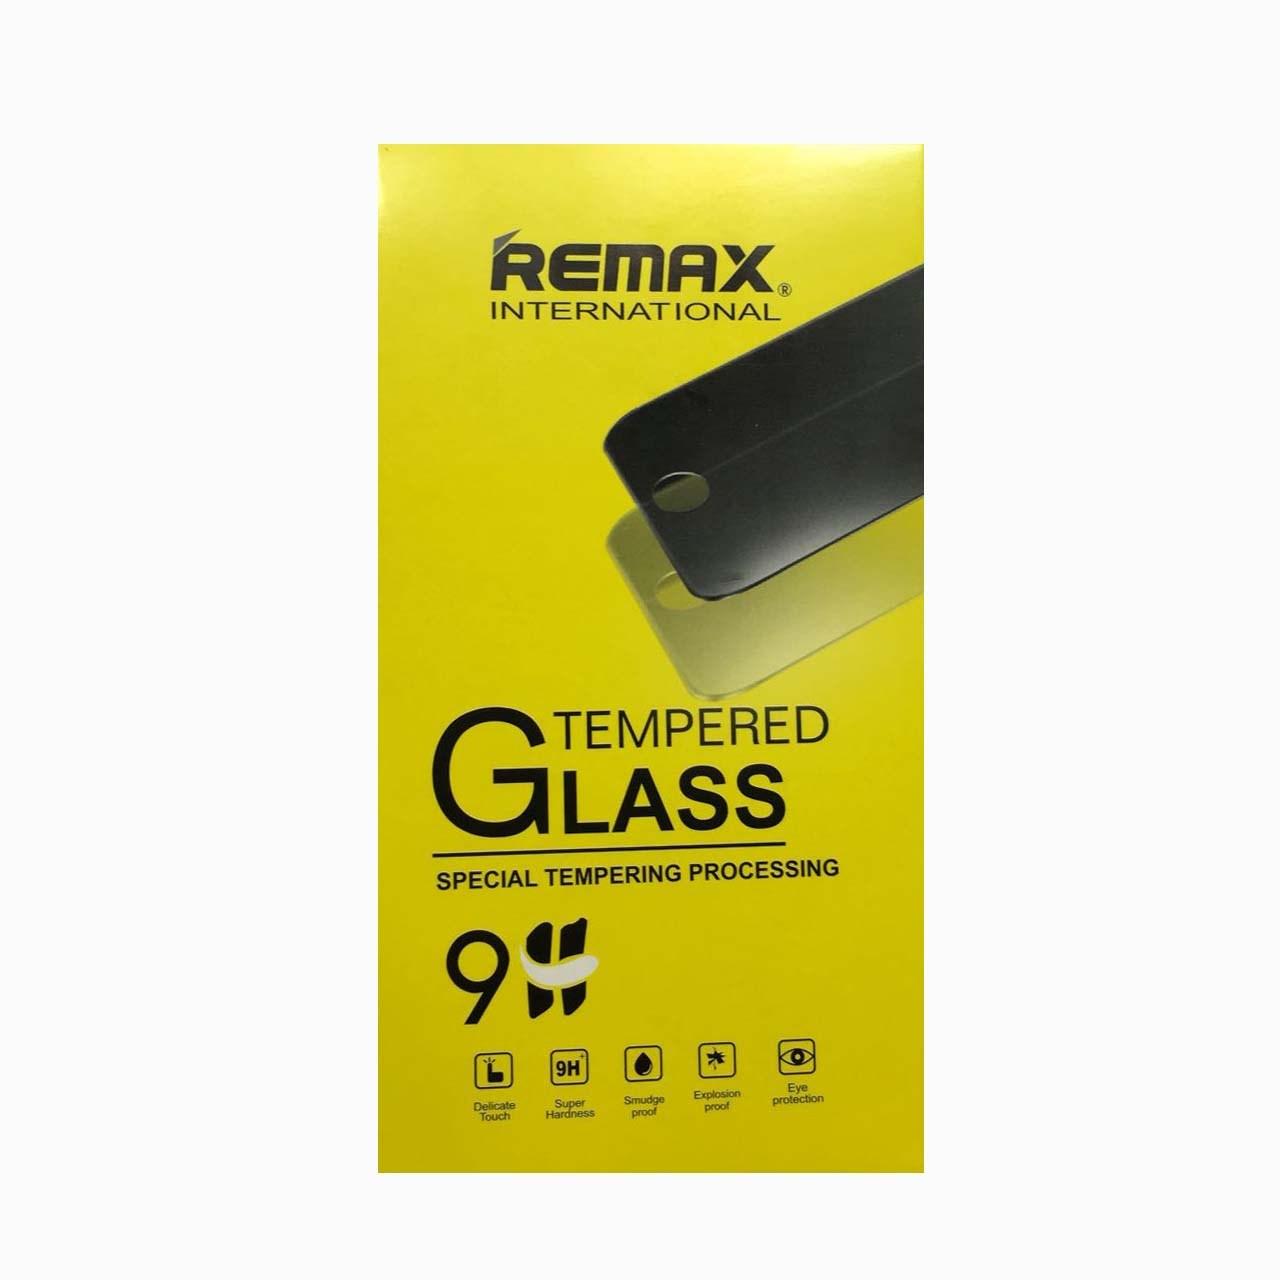 محافظ صفحه نمايش شيشه اي ريمكس مناسب براي گوشي موبايل اپل iPhone 5/5S/SE